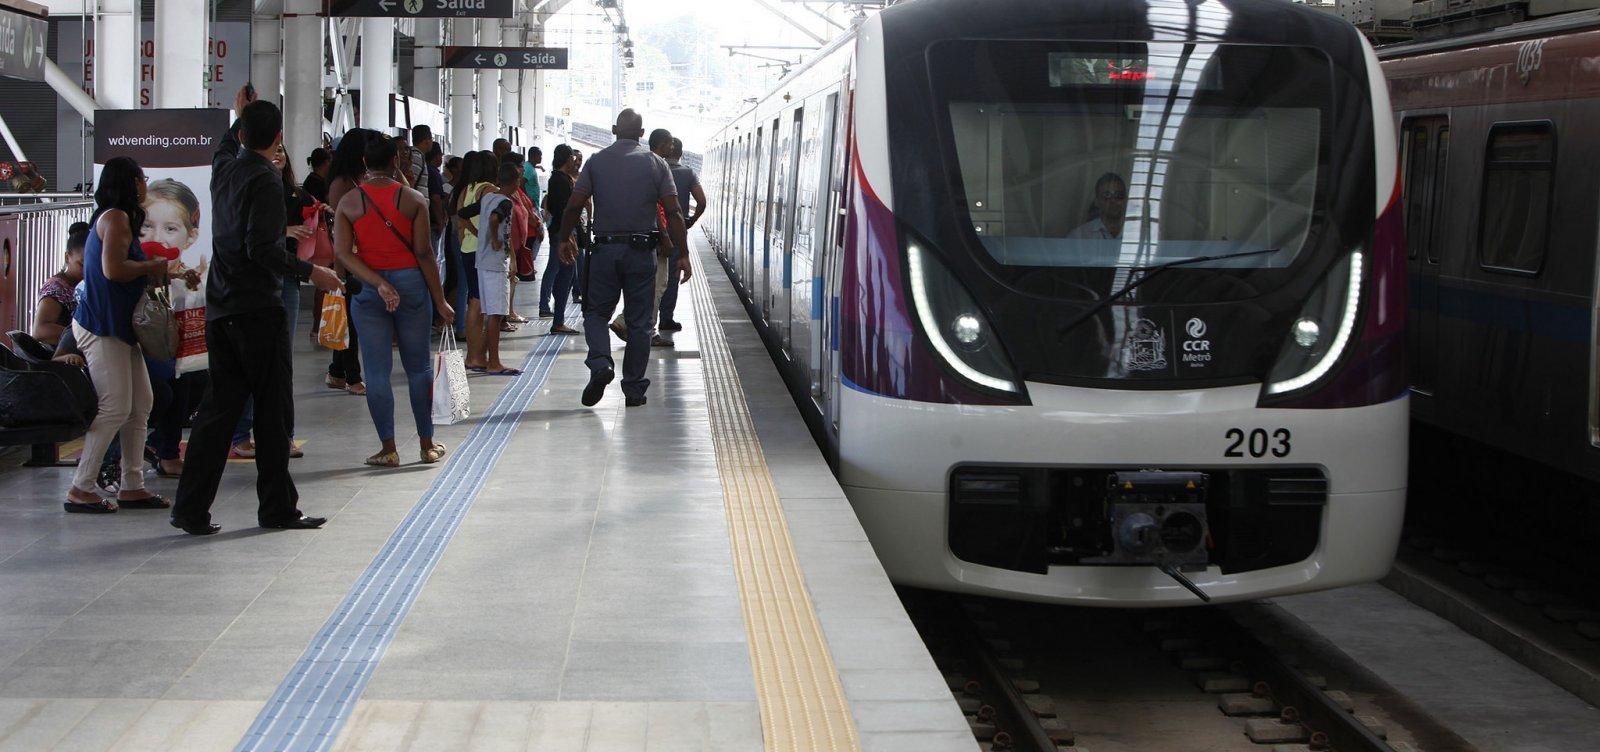 Metrô apresenta defeito e trem para entre estações